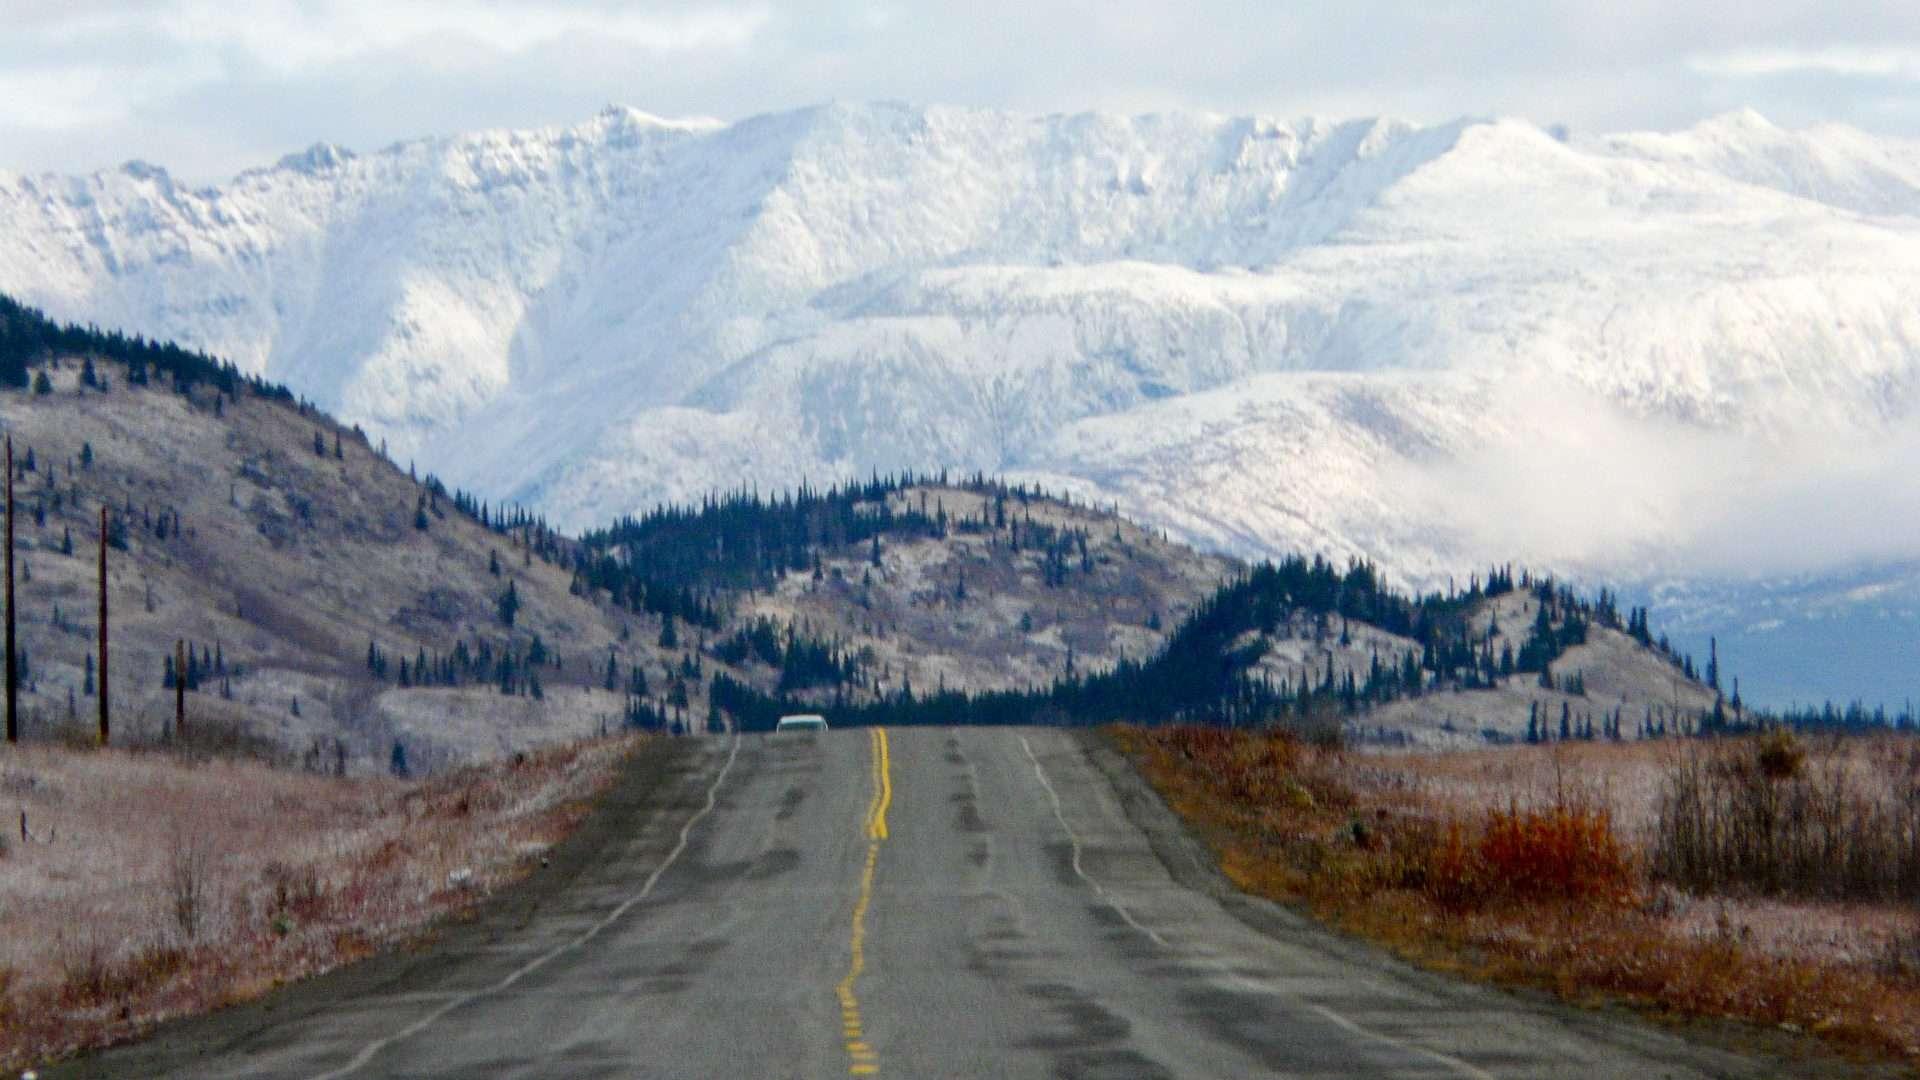 Yukon Alaska Highlights Highway